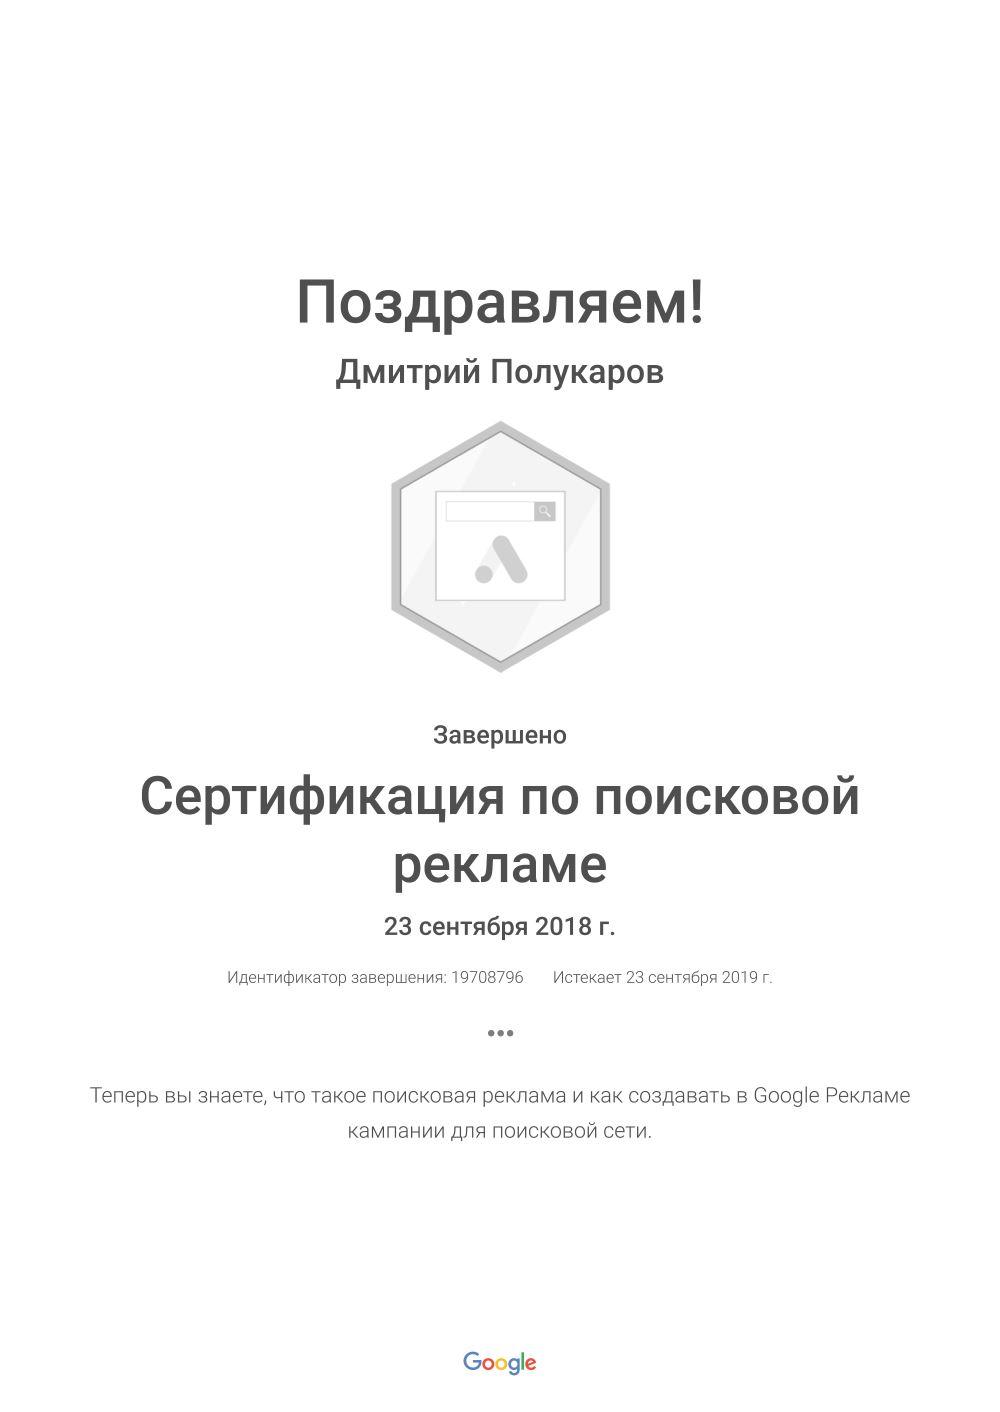 Сертификат google ads по поисковой рекламе